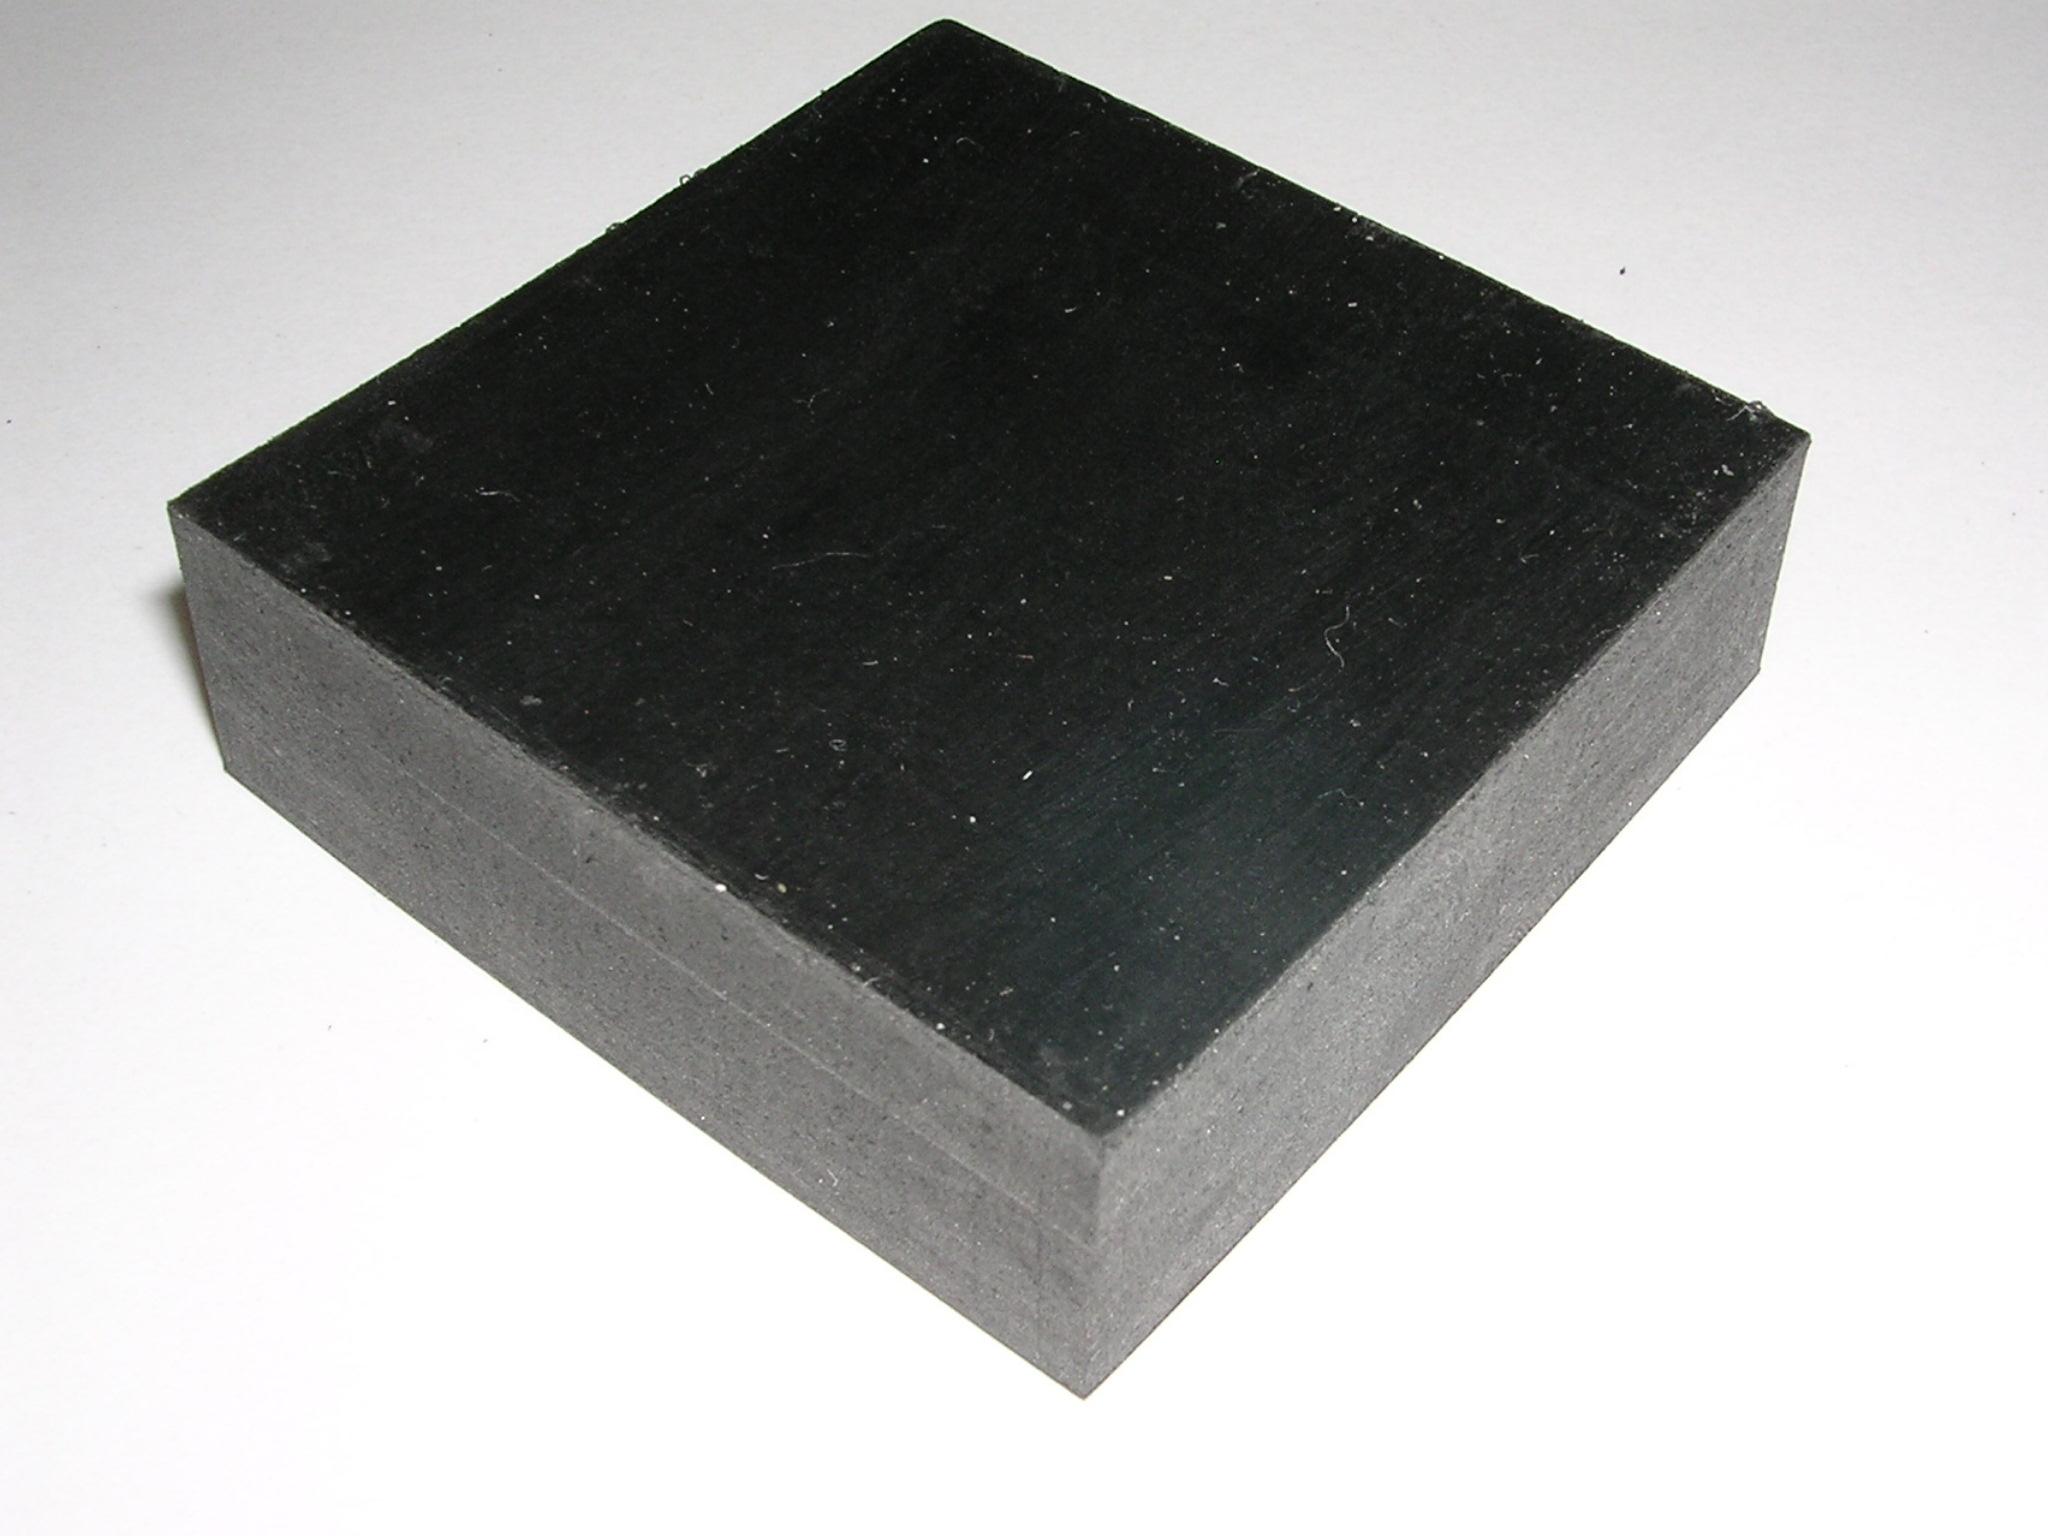 ゴム板カット ゴムシート切り板 天然ゴム(NR)加工品 30mm×50mm角 ゴムブロック